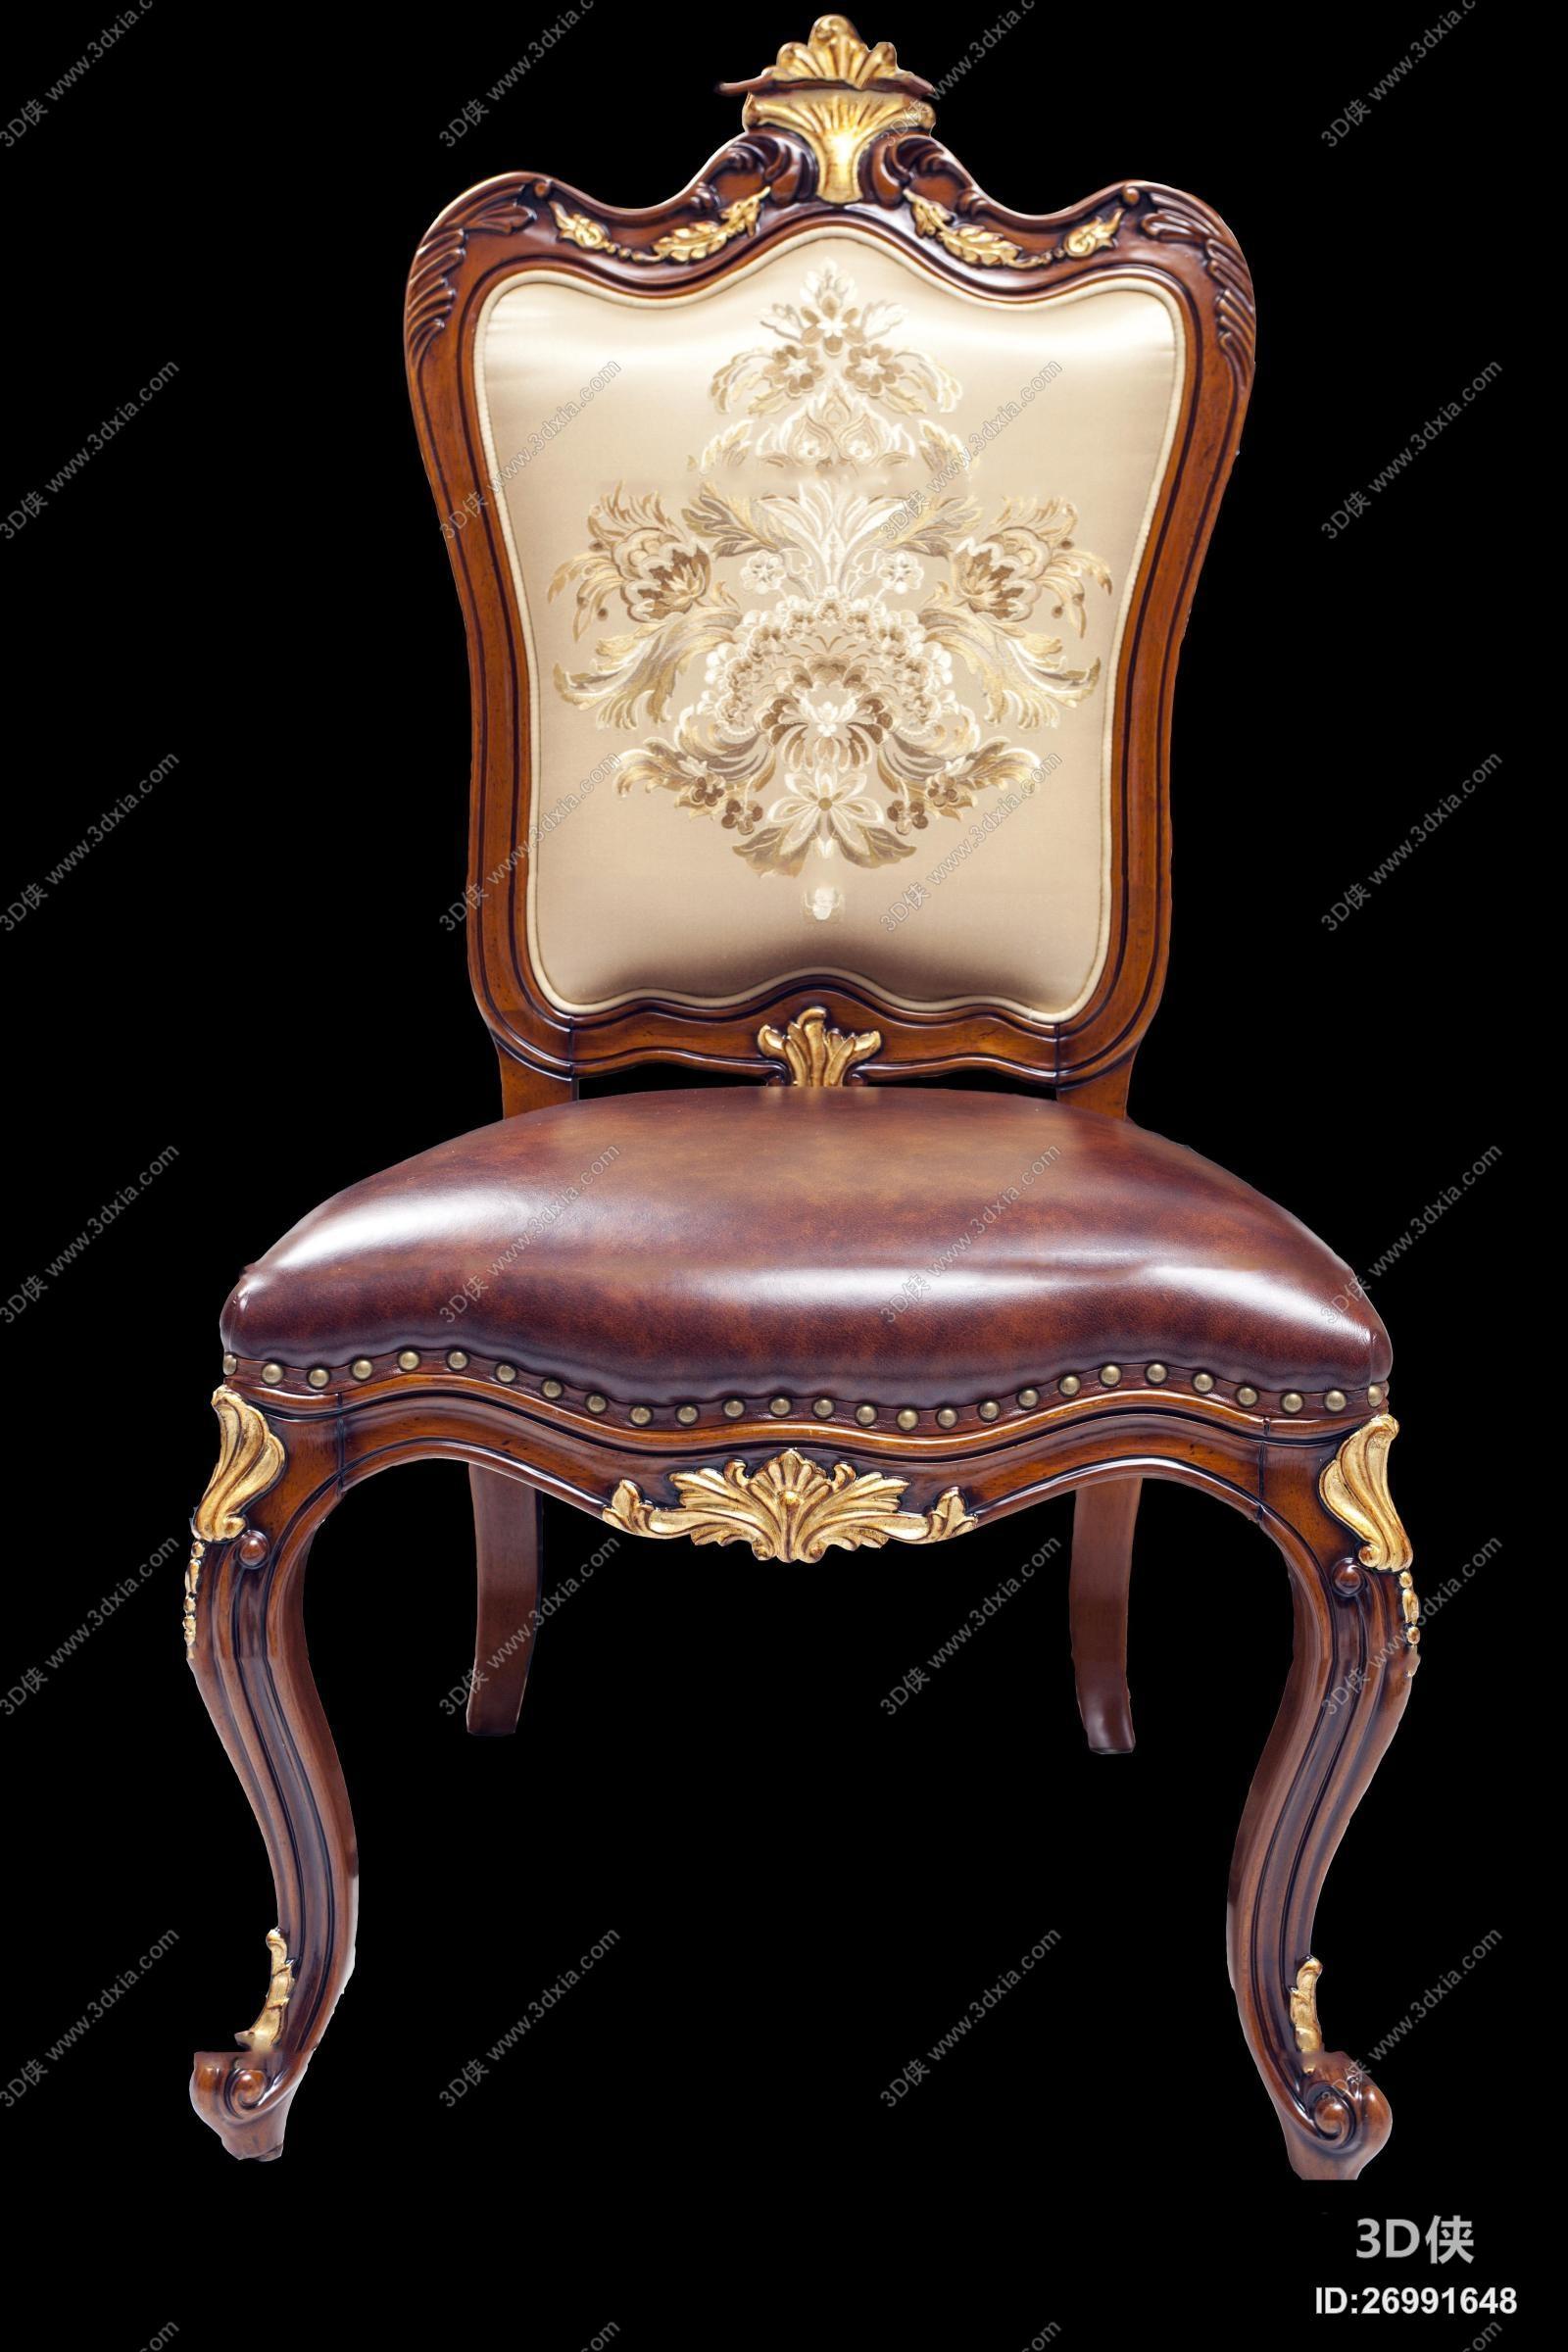 家具 椅子凳子 休闲椅 单椅 欧式雕花皮革餐椅3d模型【id:26991648】